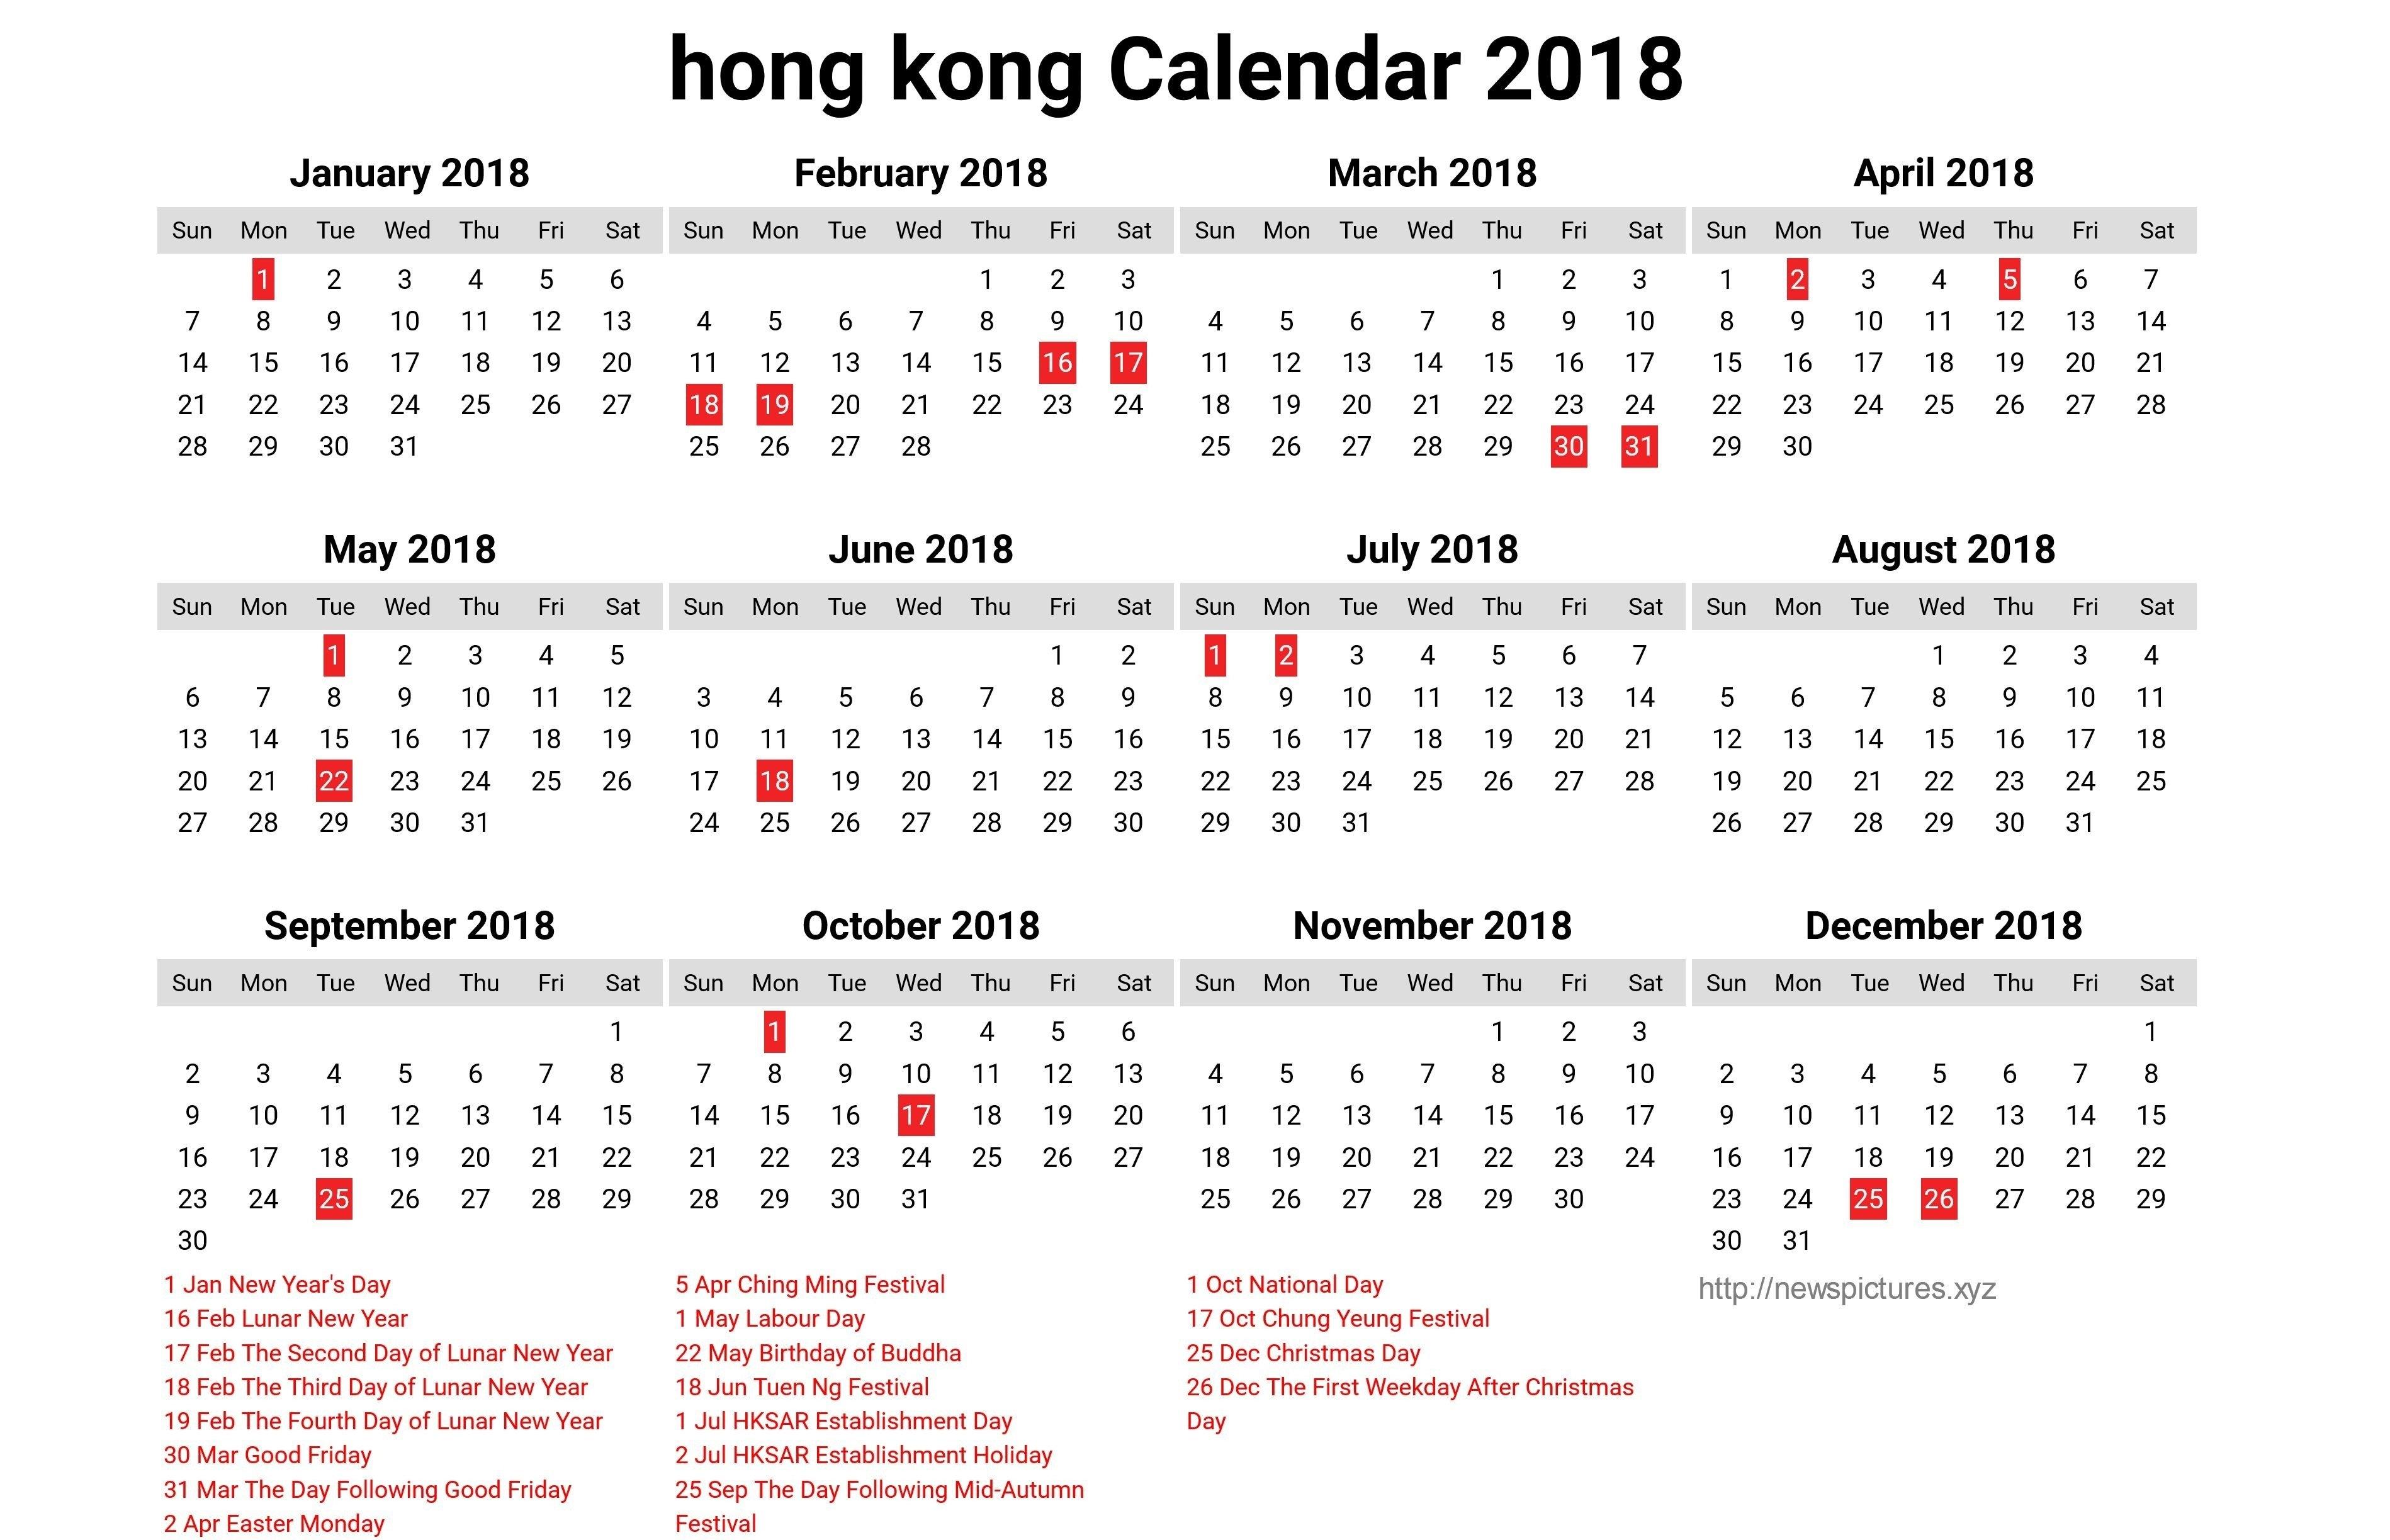 Year 2019 Calendar Hong Kong Hk - Littledelhisf Calendar 2019 Hong Kong